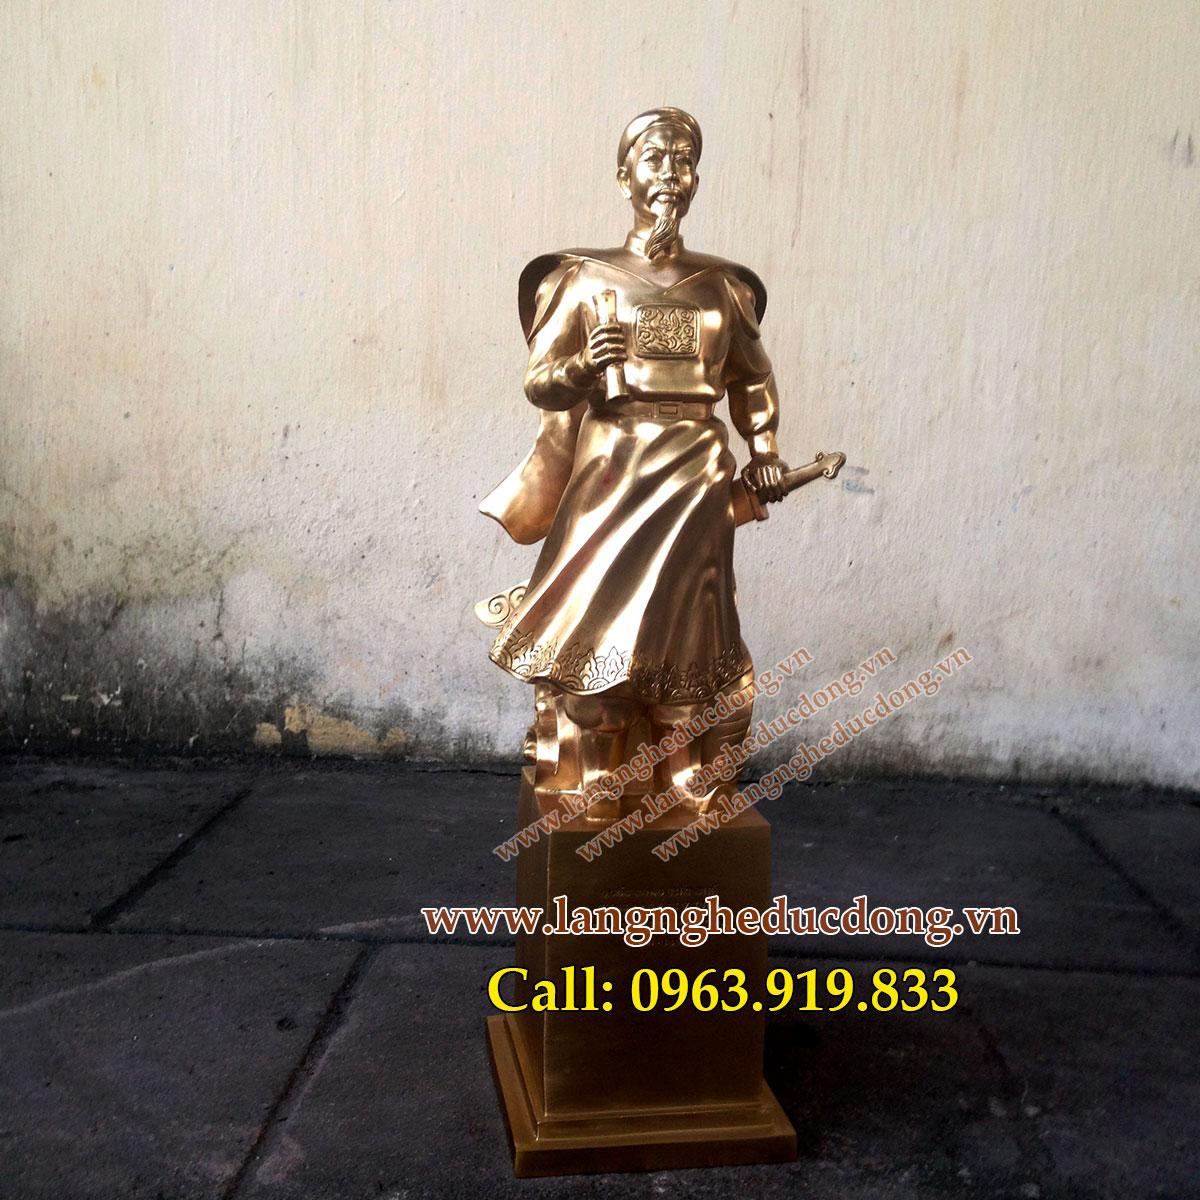 langngheducdong.vn  -Tượng Đức Thánh Trần hưng đạo cao 48cm